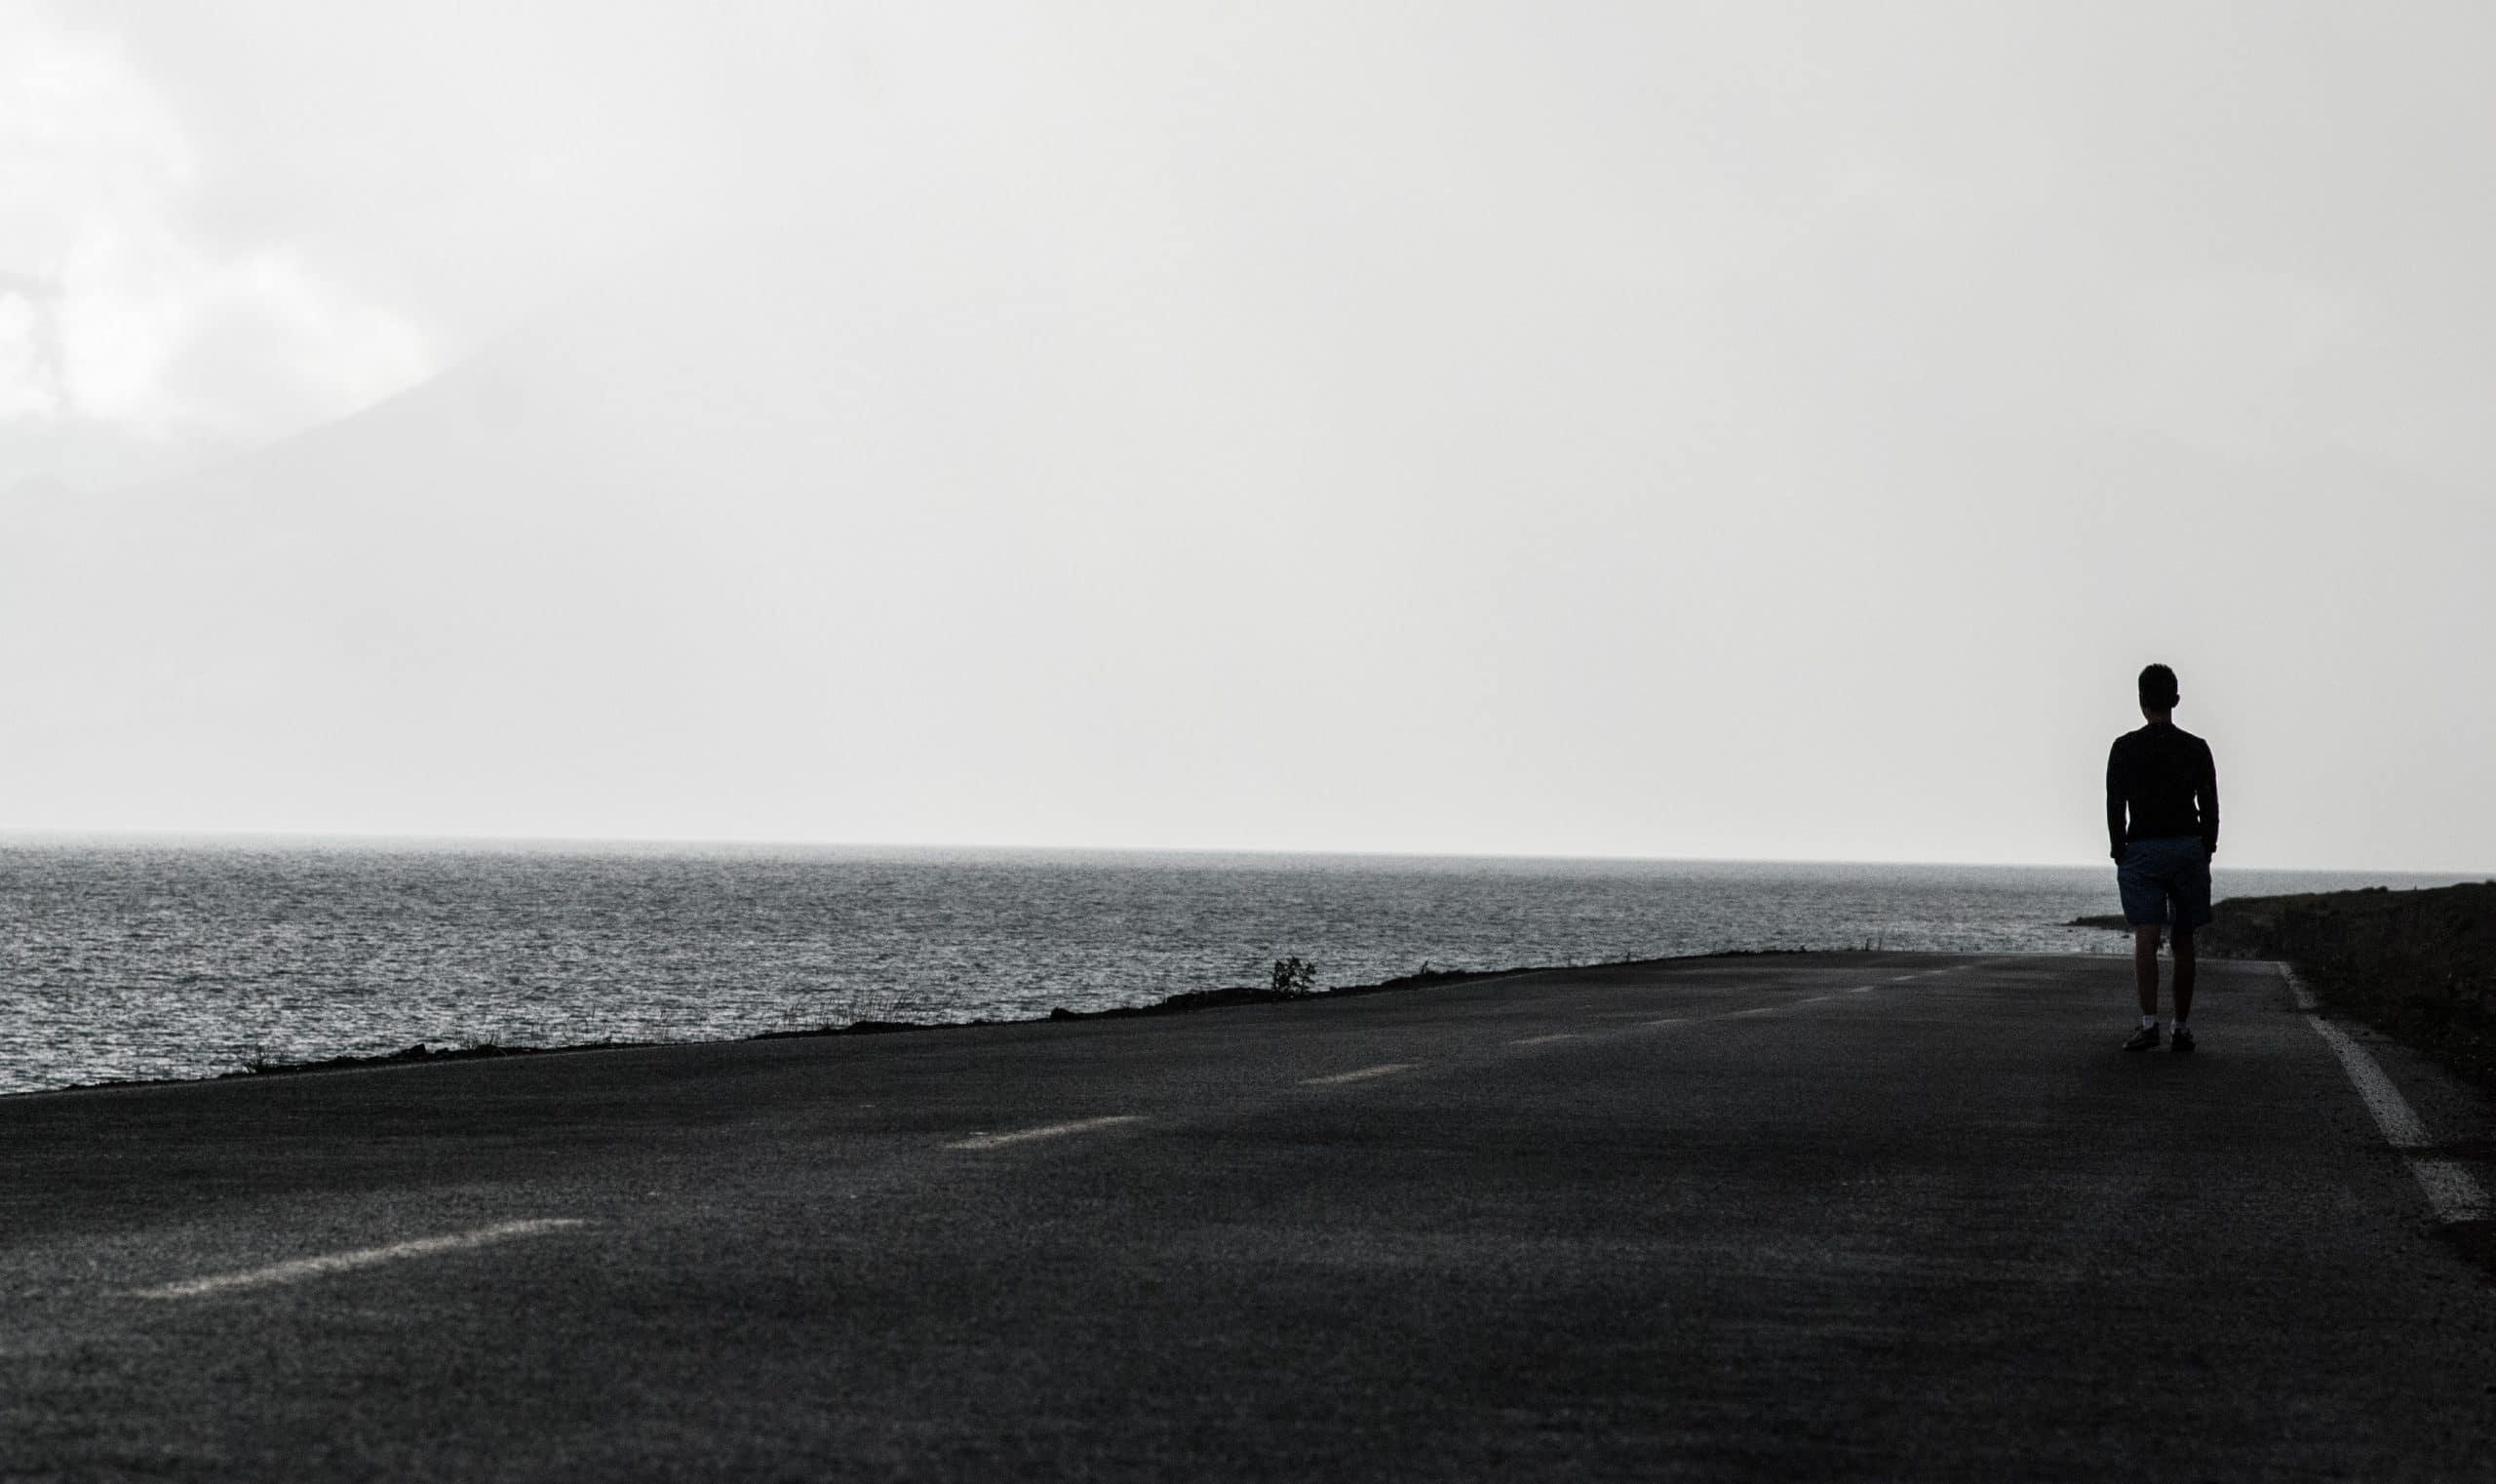 Homem andando em rodovia à beira do oceano.